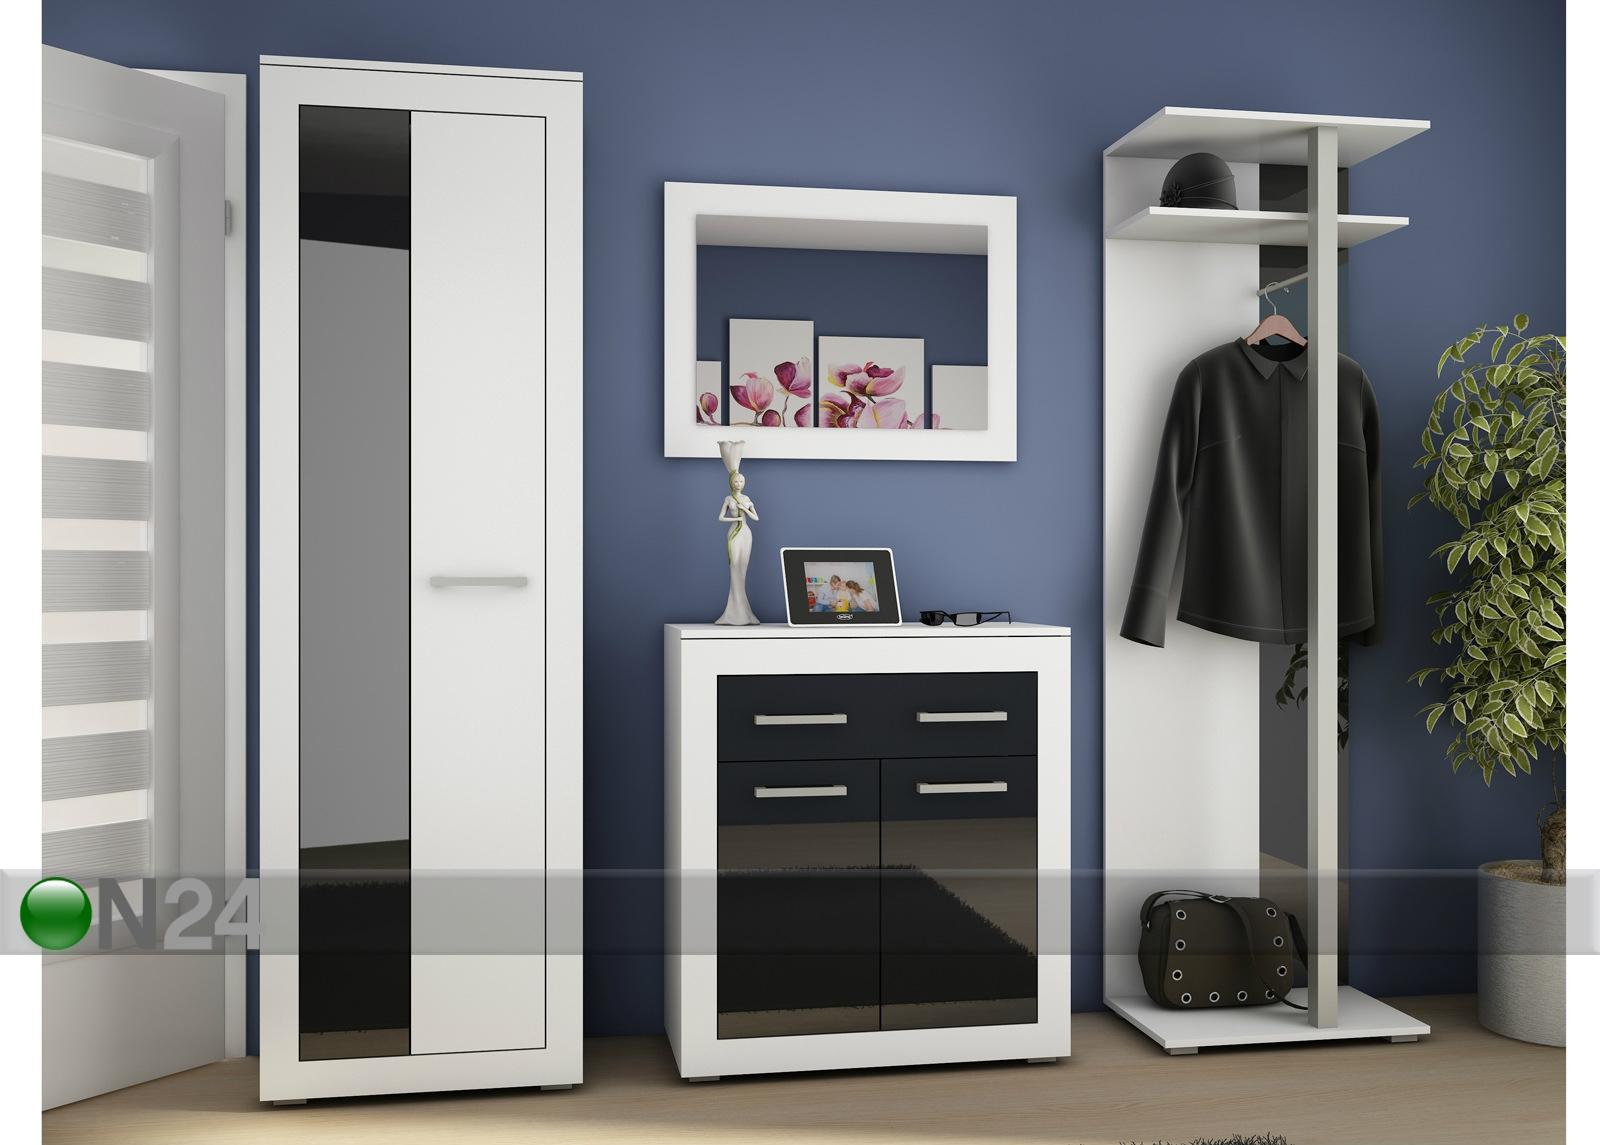 Прихожая tf-65509 - on24 мебельный магазин.